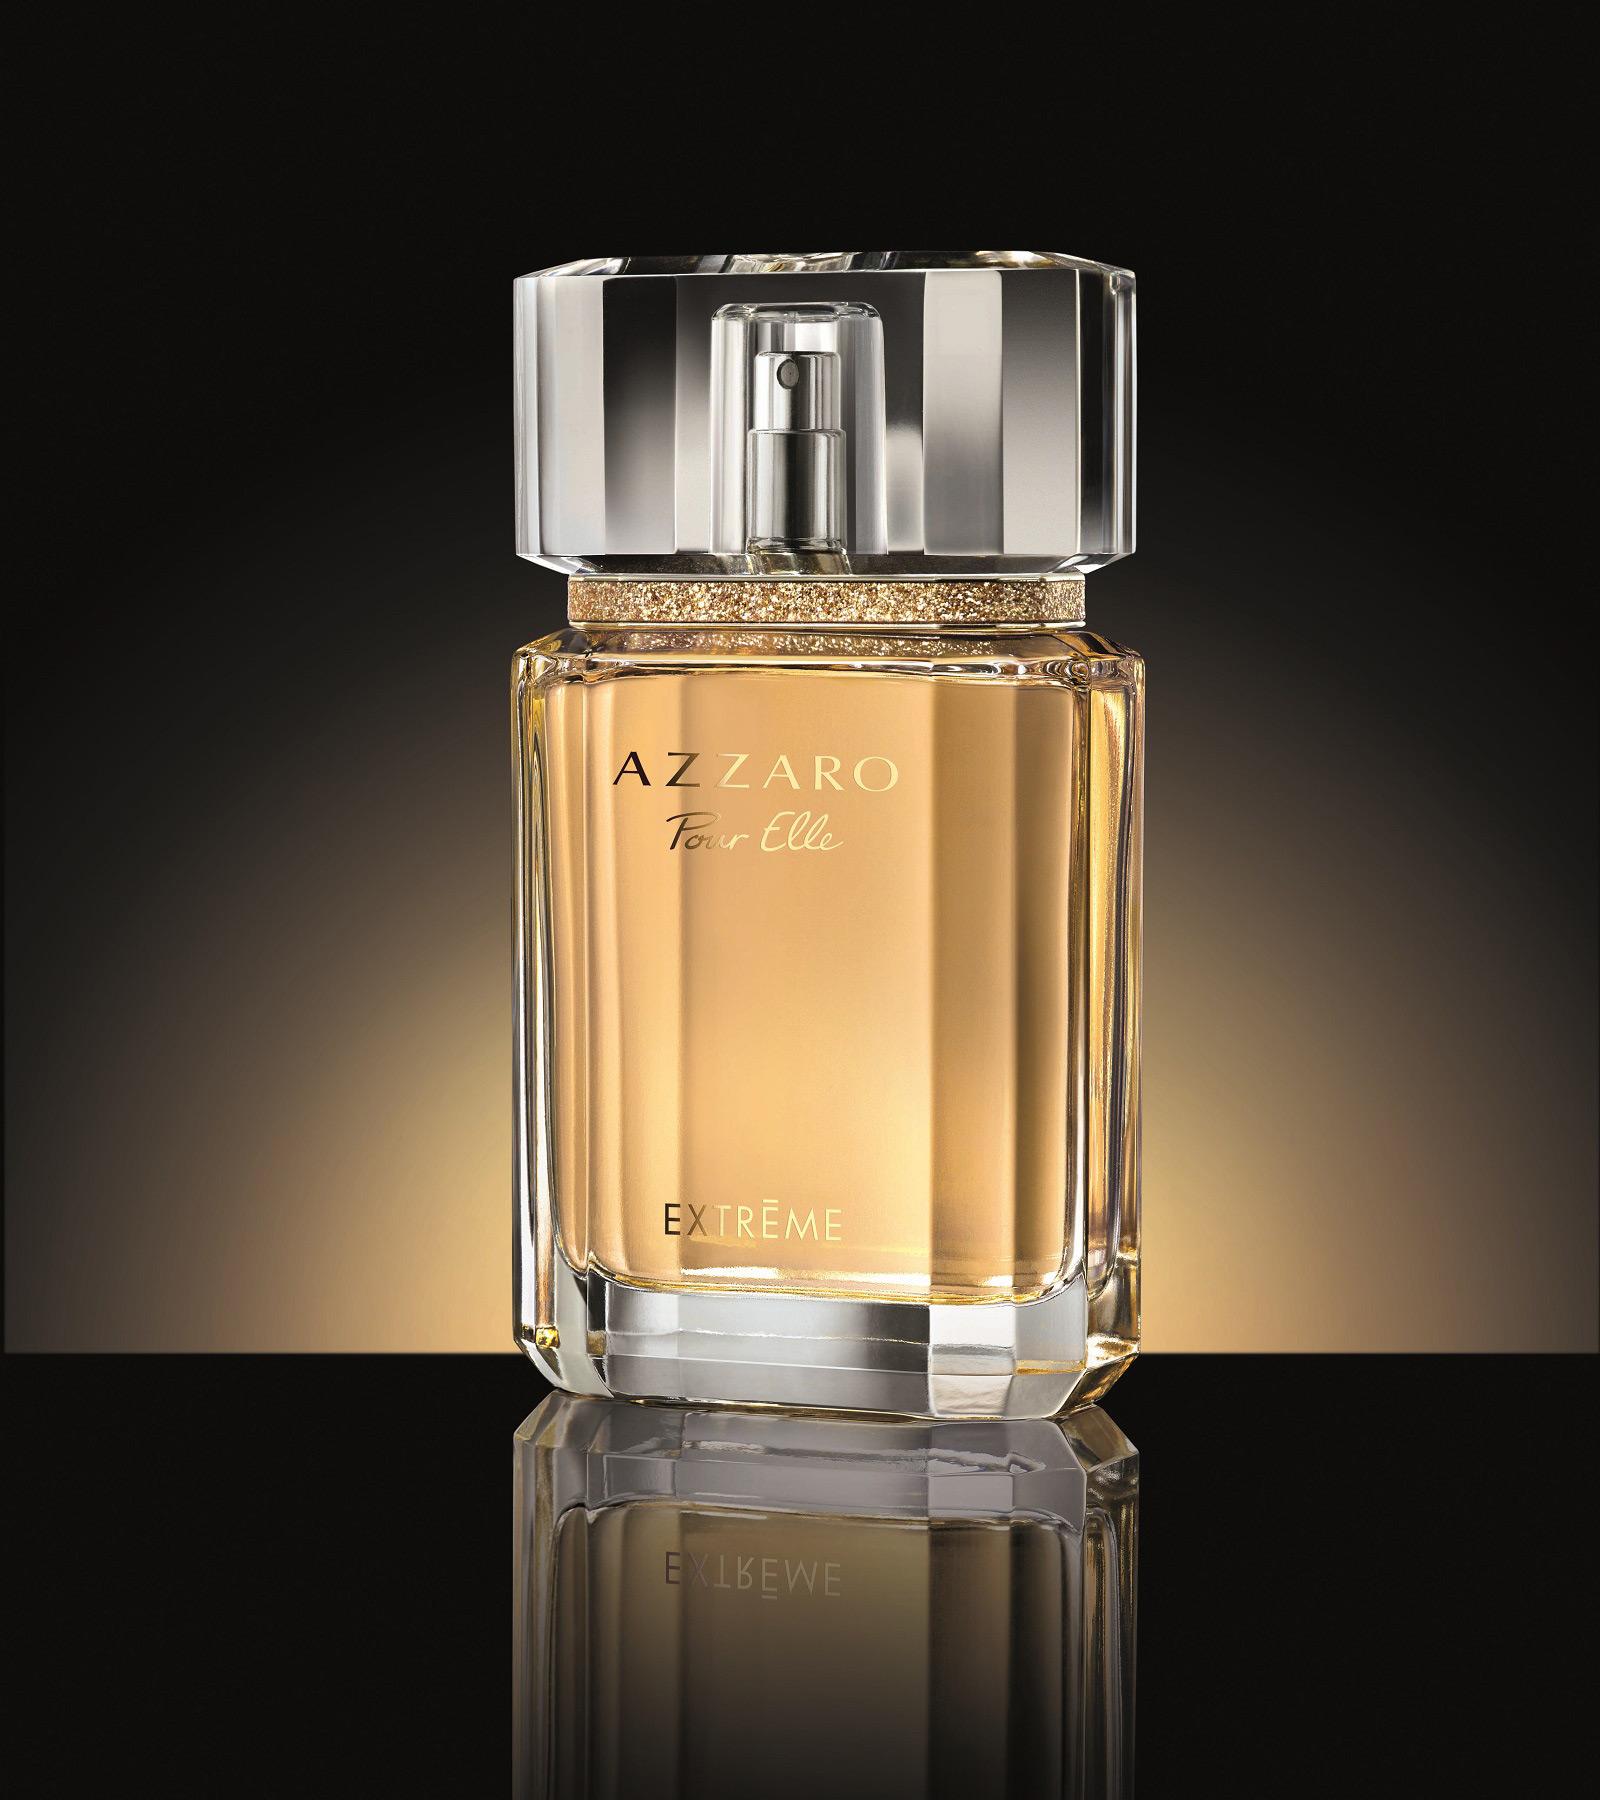 azzaro pour elle extreme azzaro parfum un nouveau parfum pour femme 2016. Black Bedroom Furniture Sets. Home Design Ideas